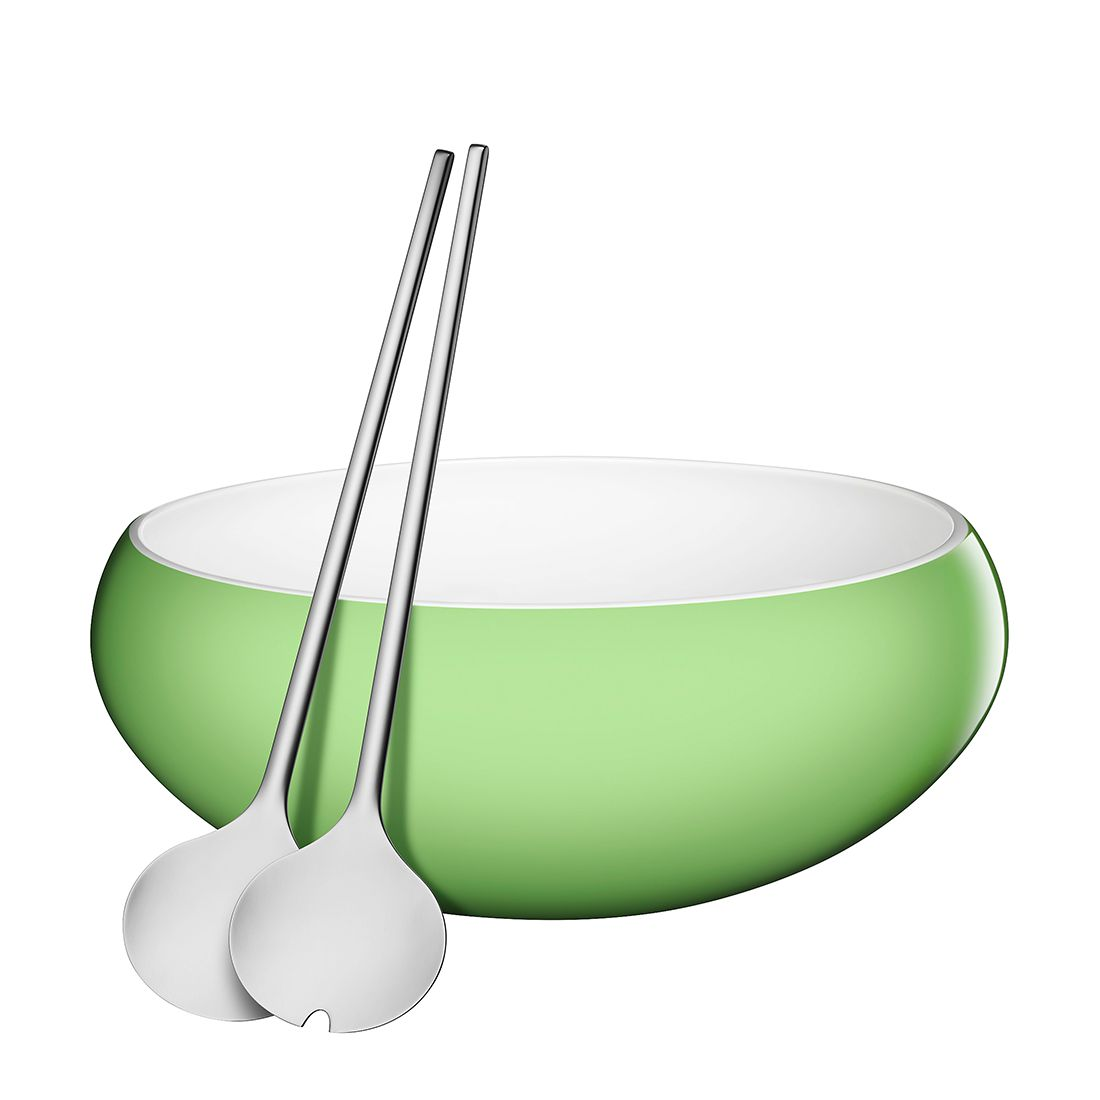 Salat-Set (3-teilig) – grün/Weiß, WMF online bestellen